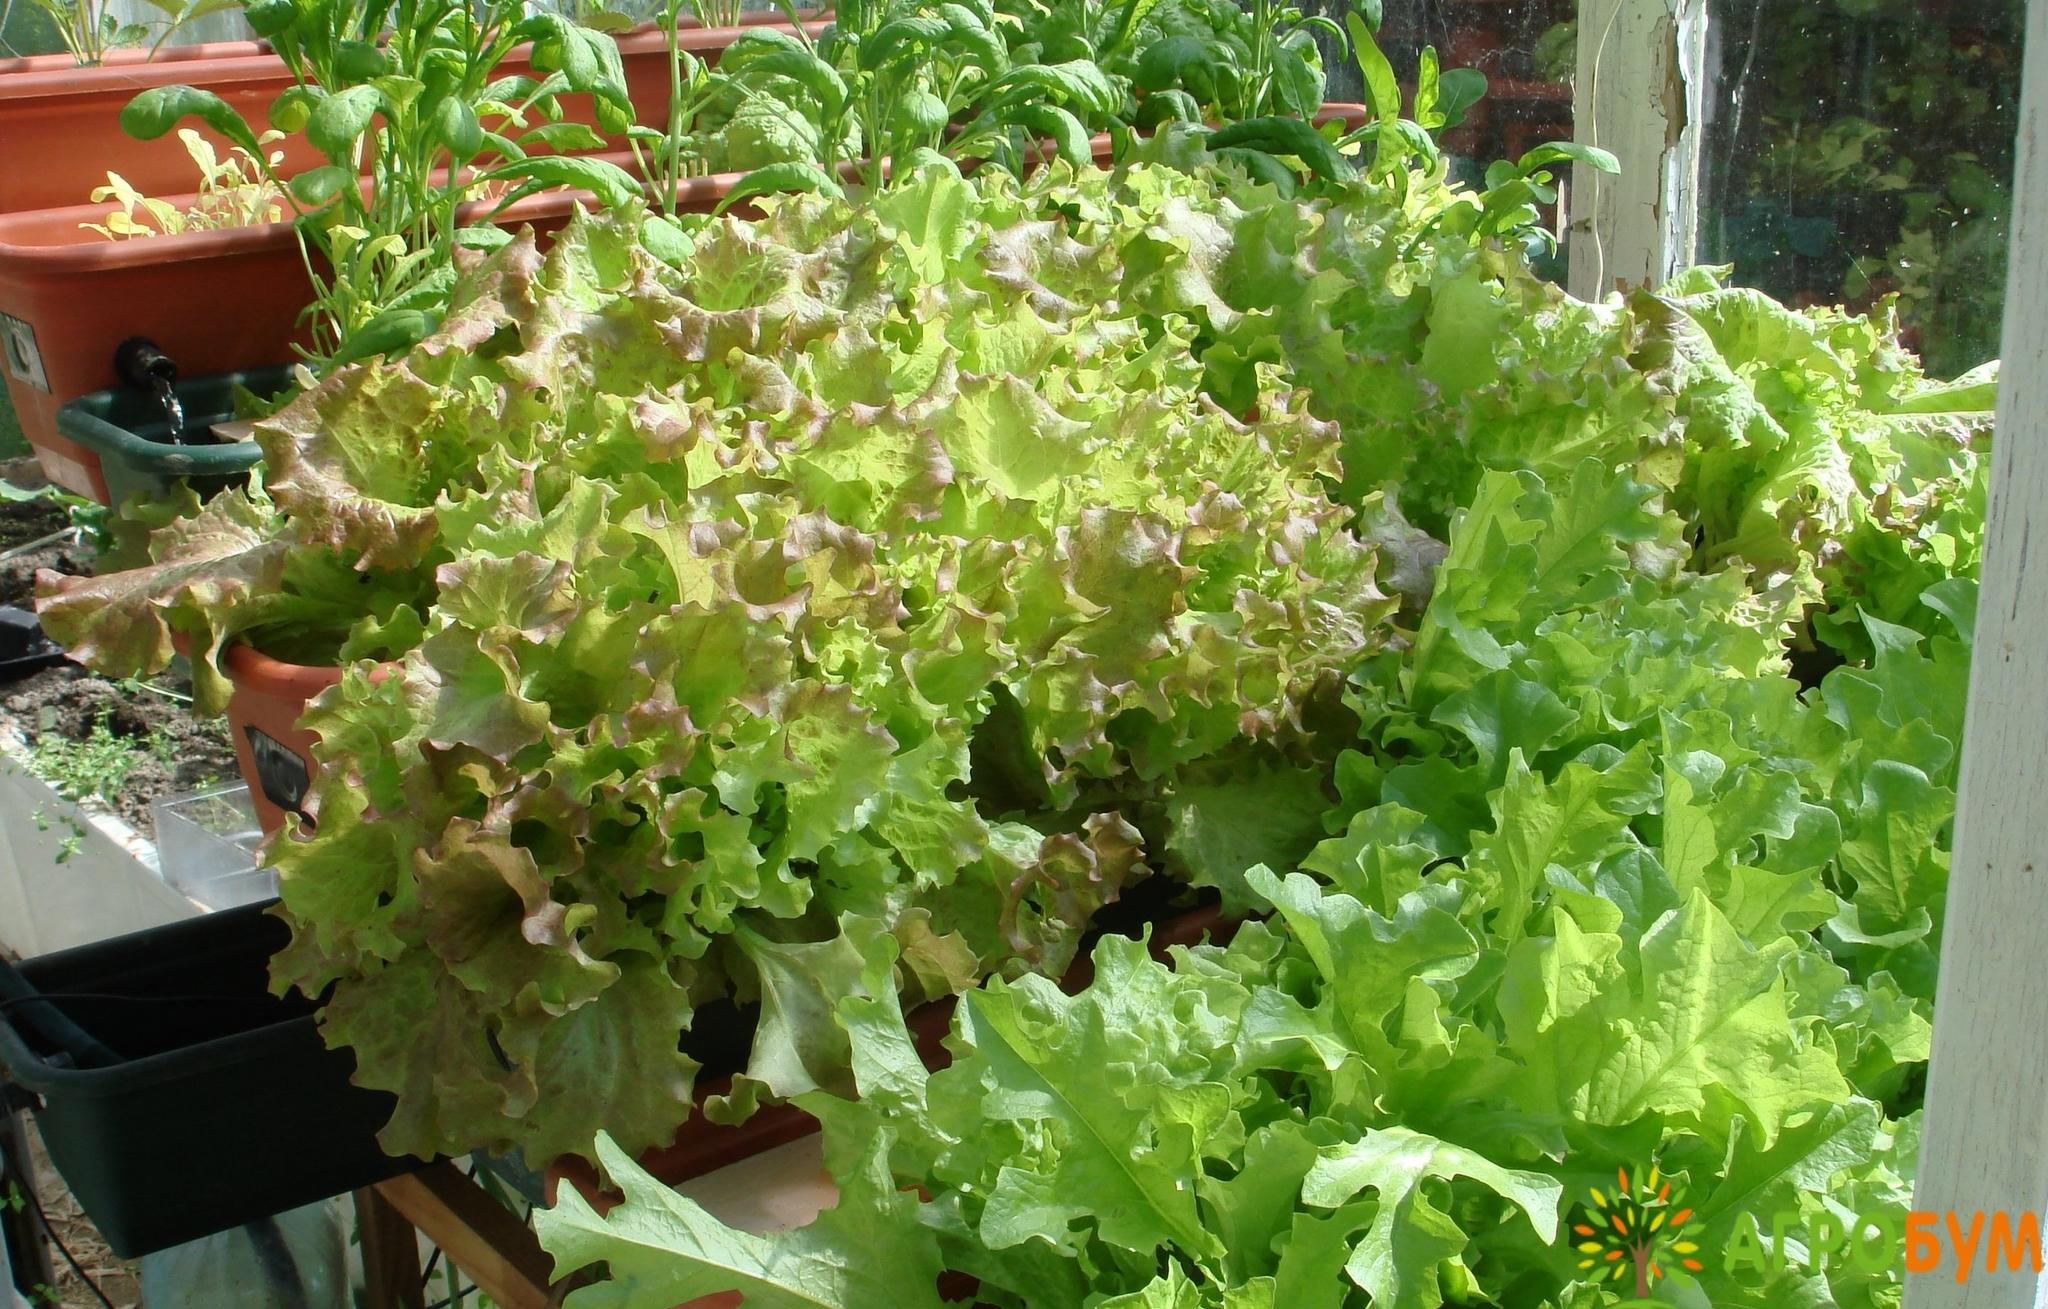 Купить семена Салат Каньон 0,5 г листовой, хрустящ. по низкой цене, доставка почтой наложенным платежом по России, курьером по Москве - интернет-магазин АгроБум